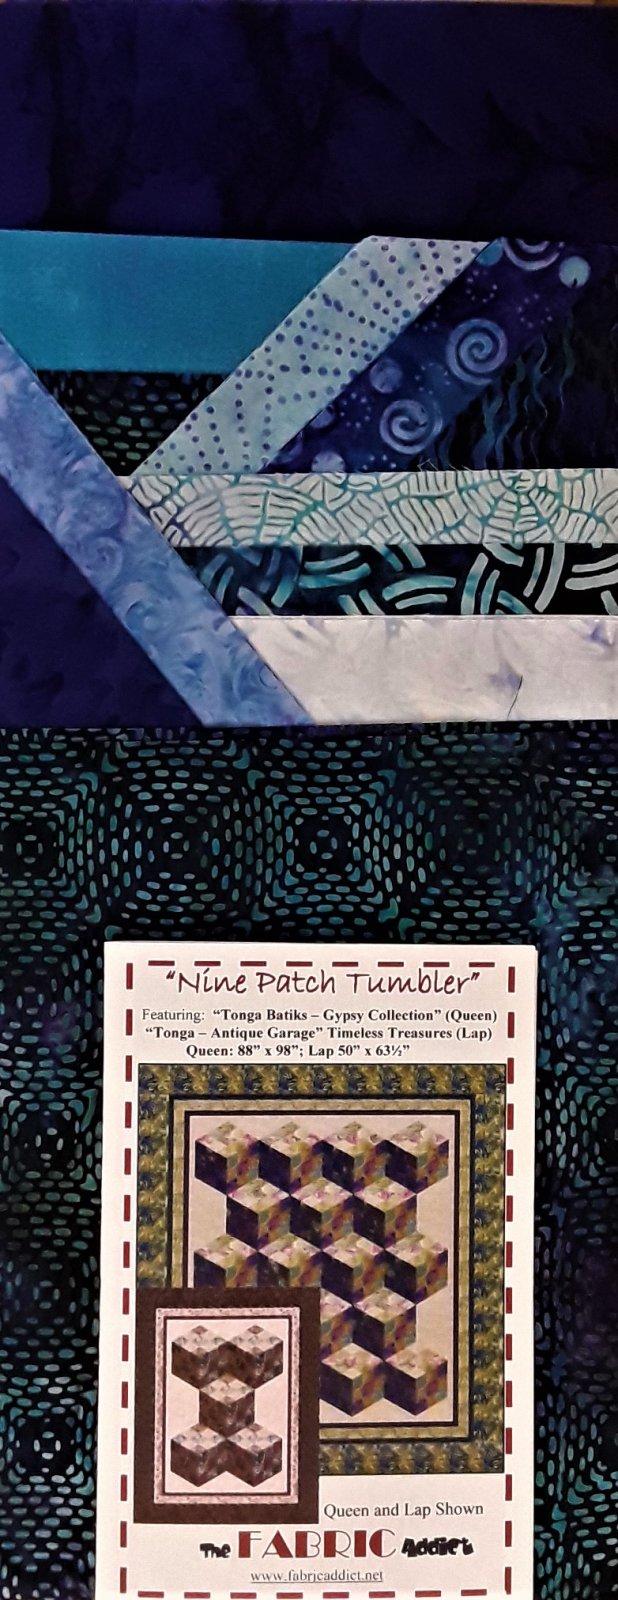 9 Patch Tumbling Block Kit